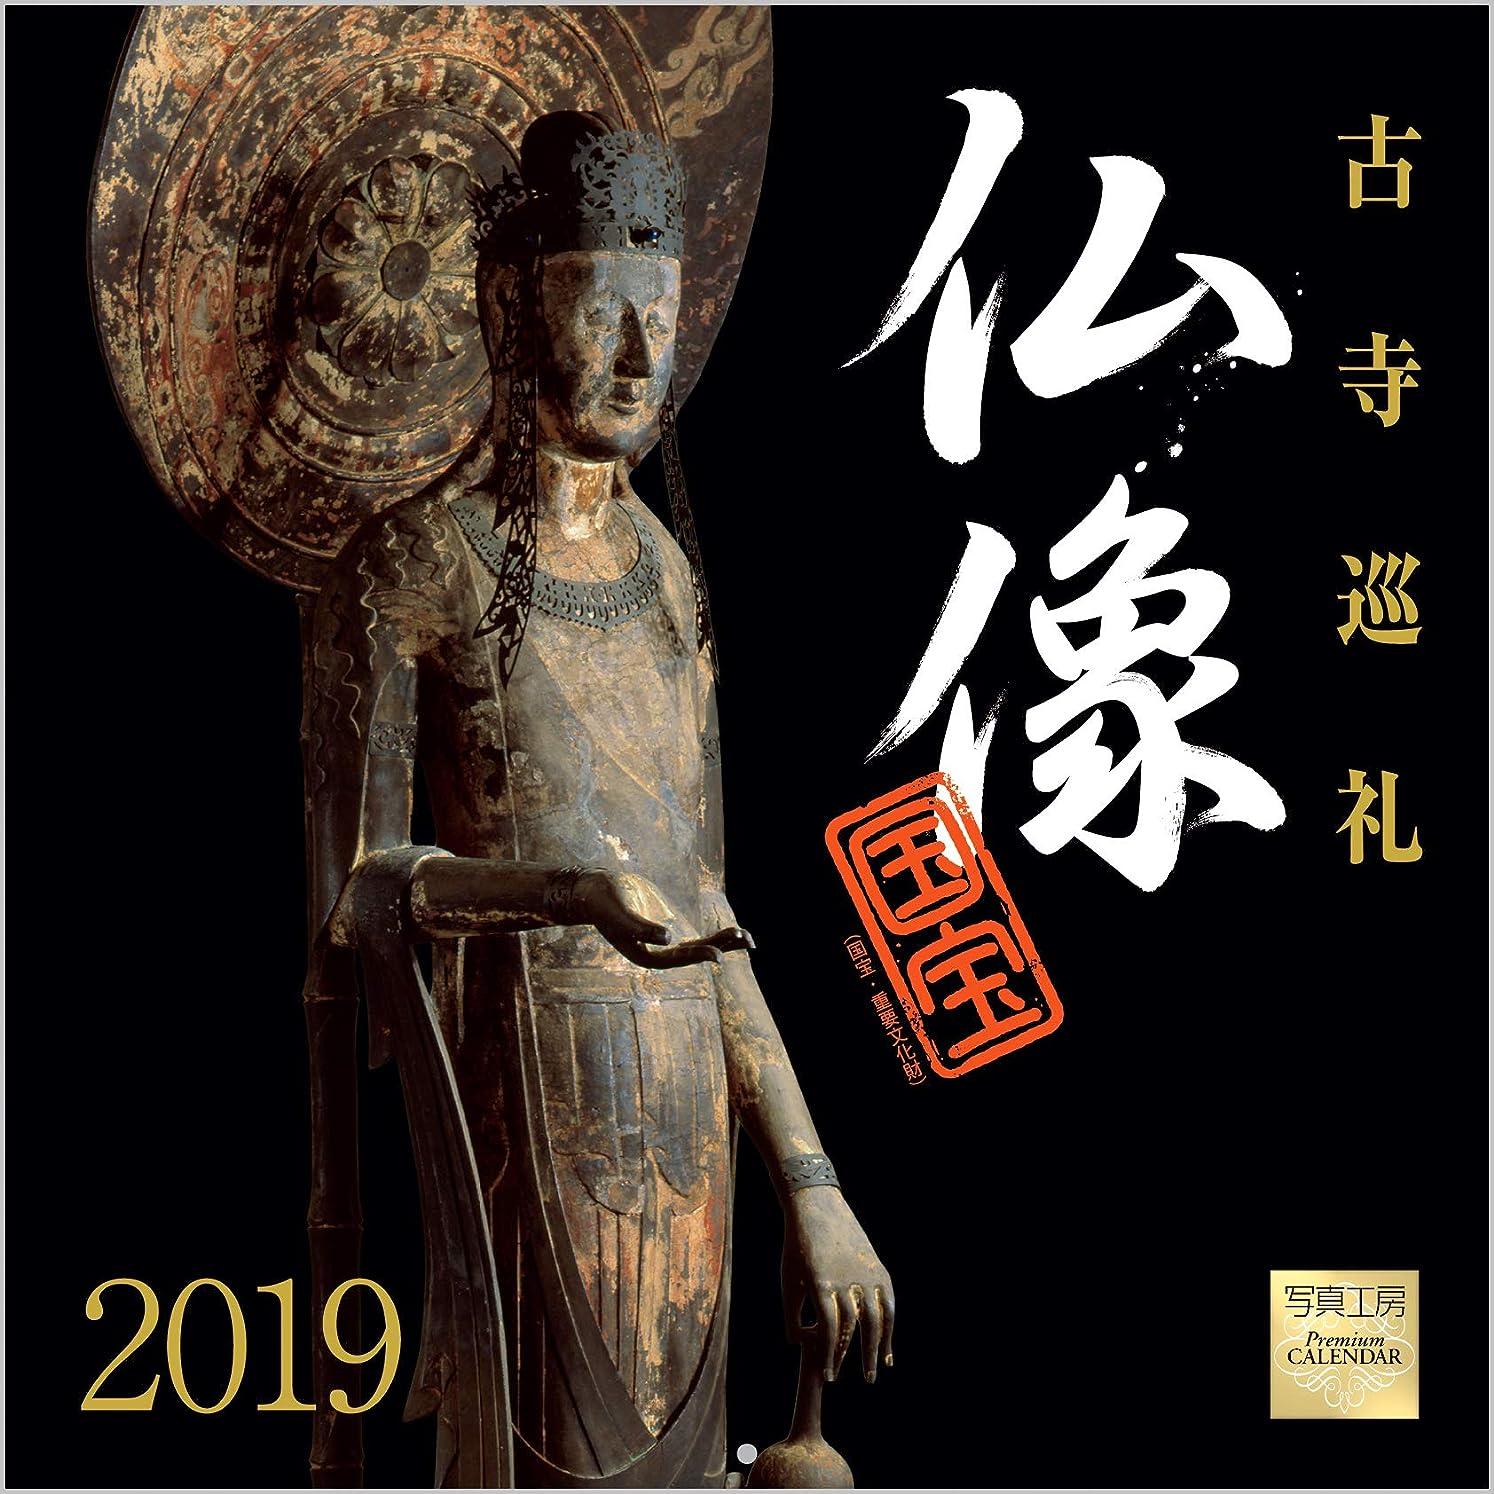 ひどく面倒技術的な仏像 2019年 カレンダー 壁掛け SE-1 (使用サイズ 594x297mm)